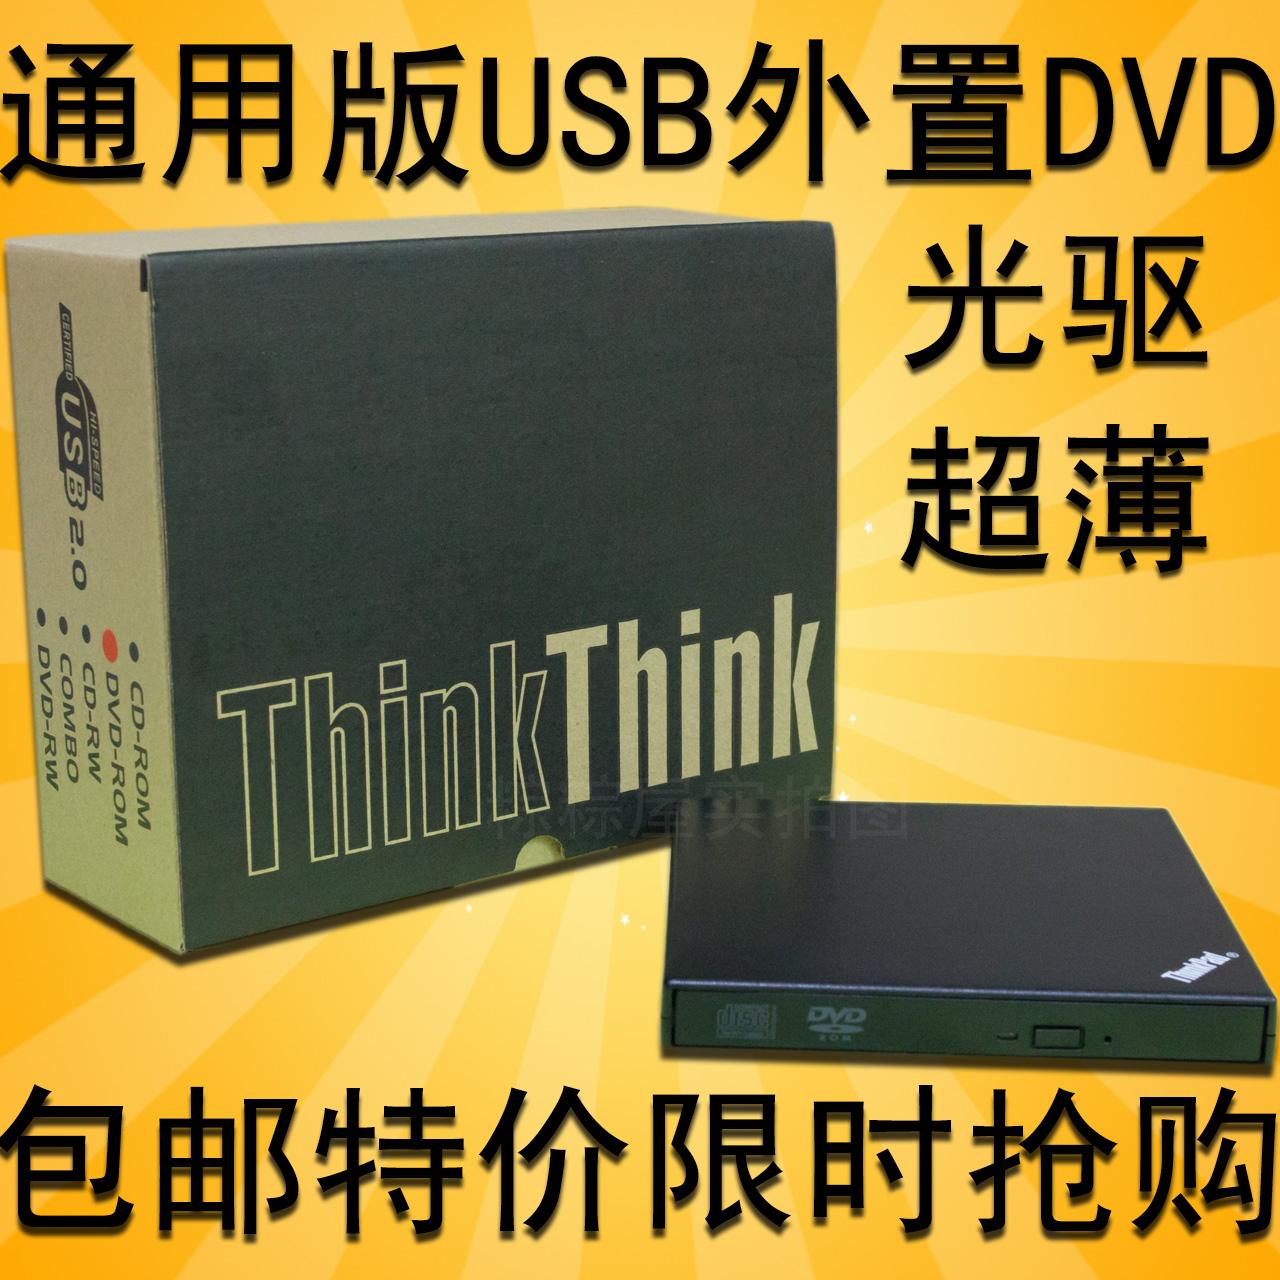 Бесплатная доставка общий тонкий USB внешний DVD компакт-диски ноутбук компьютер настольный компьютер мобильный USB внешний компакт-диски